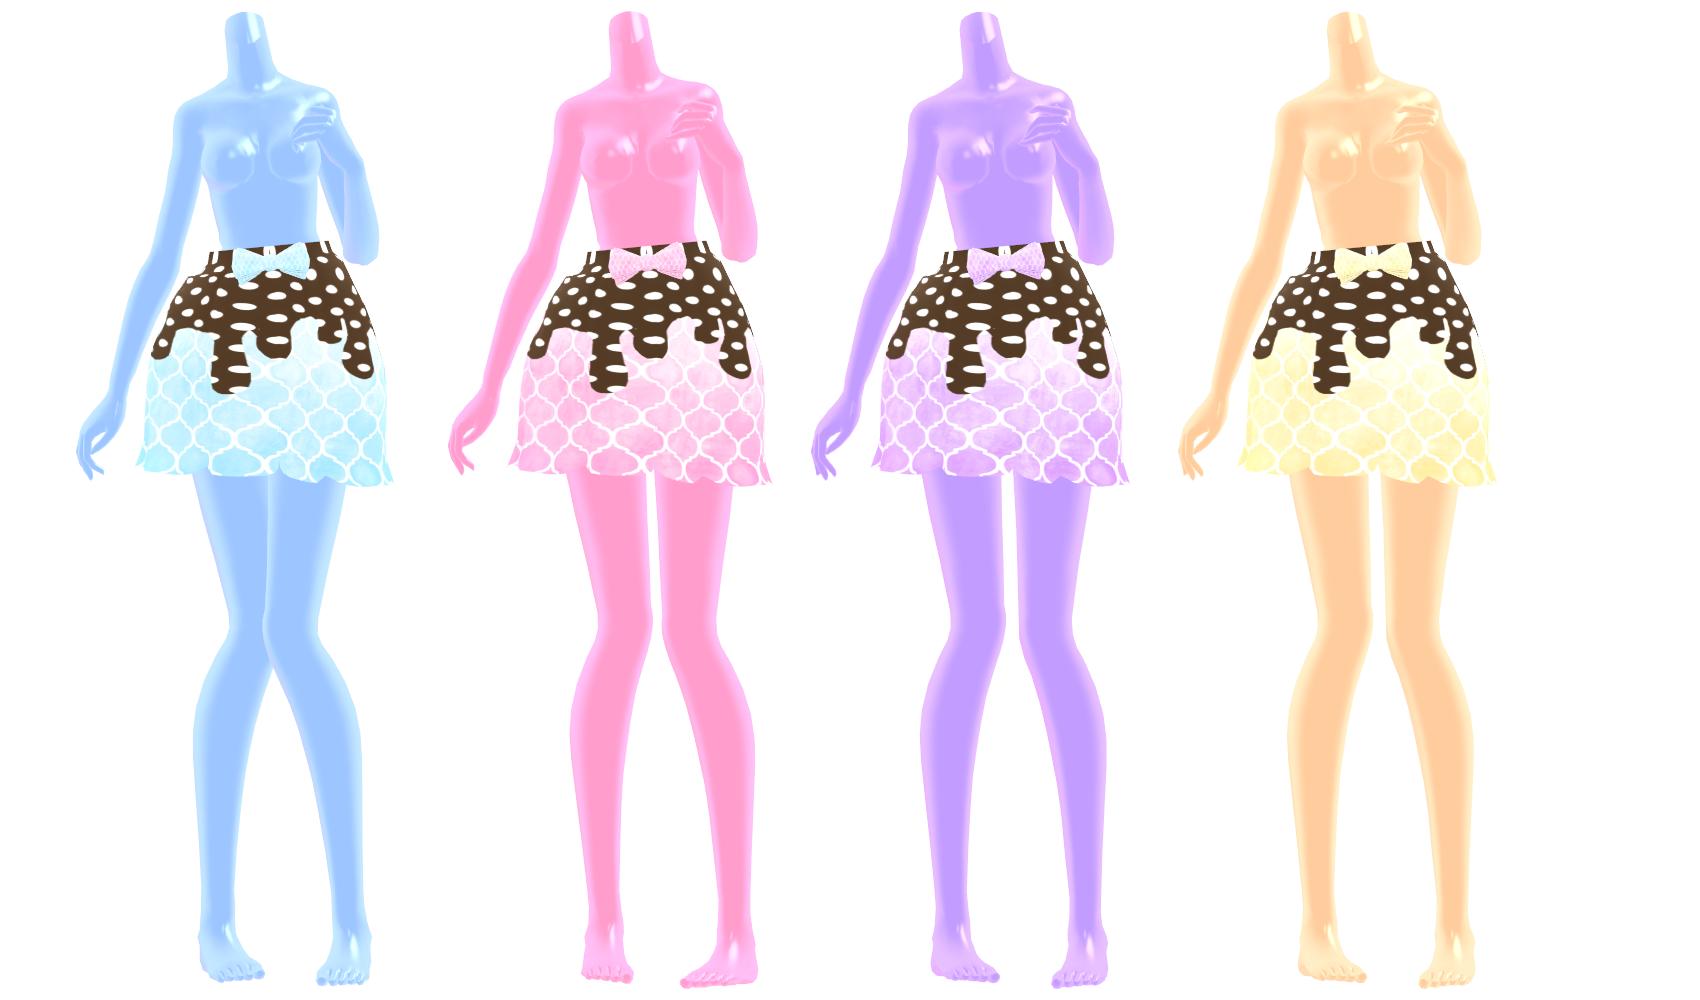 MMD] Choco Drip Skirt DOWNLOAD by MijumaruNr1 on DeviantArt